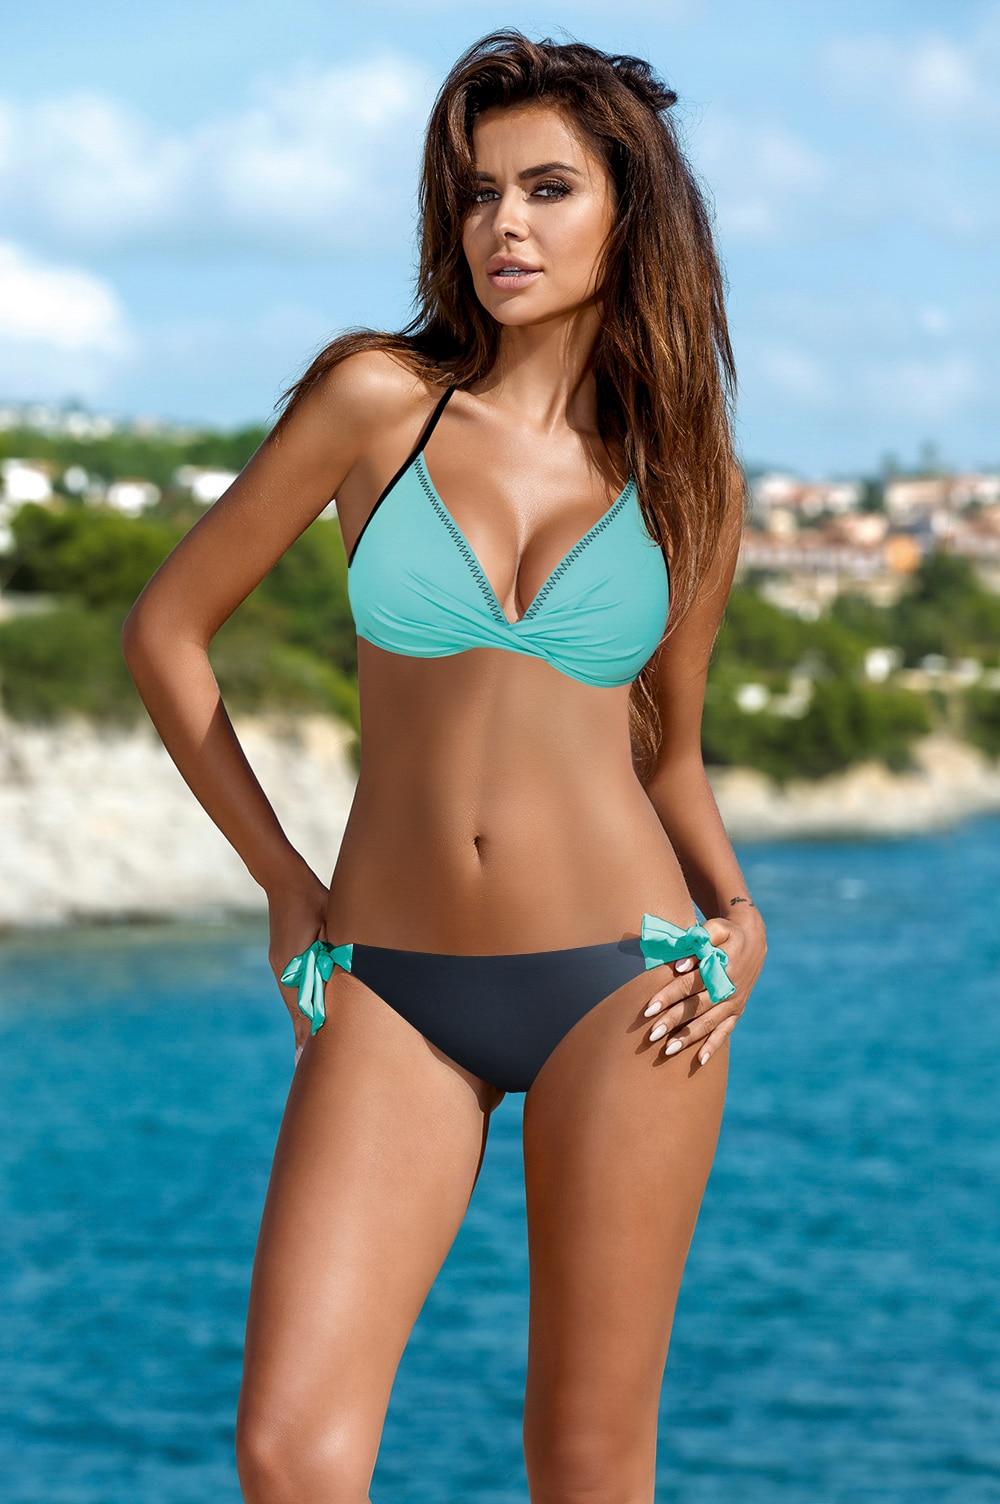 Le Push Up Bikini Passion 42